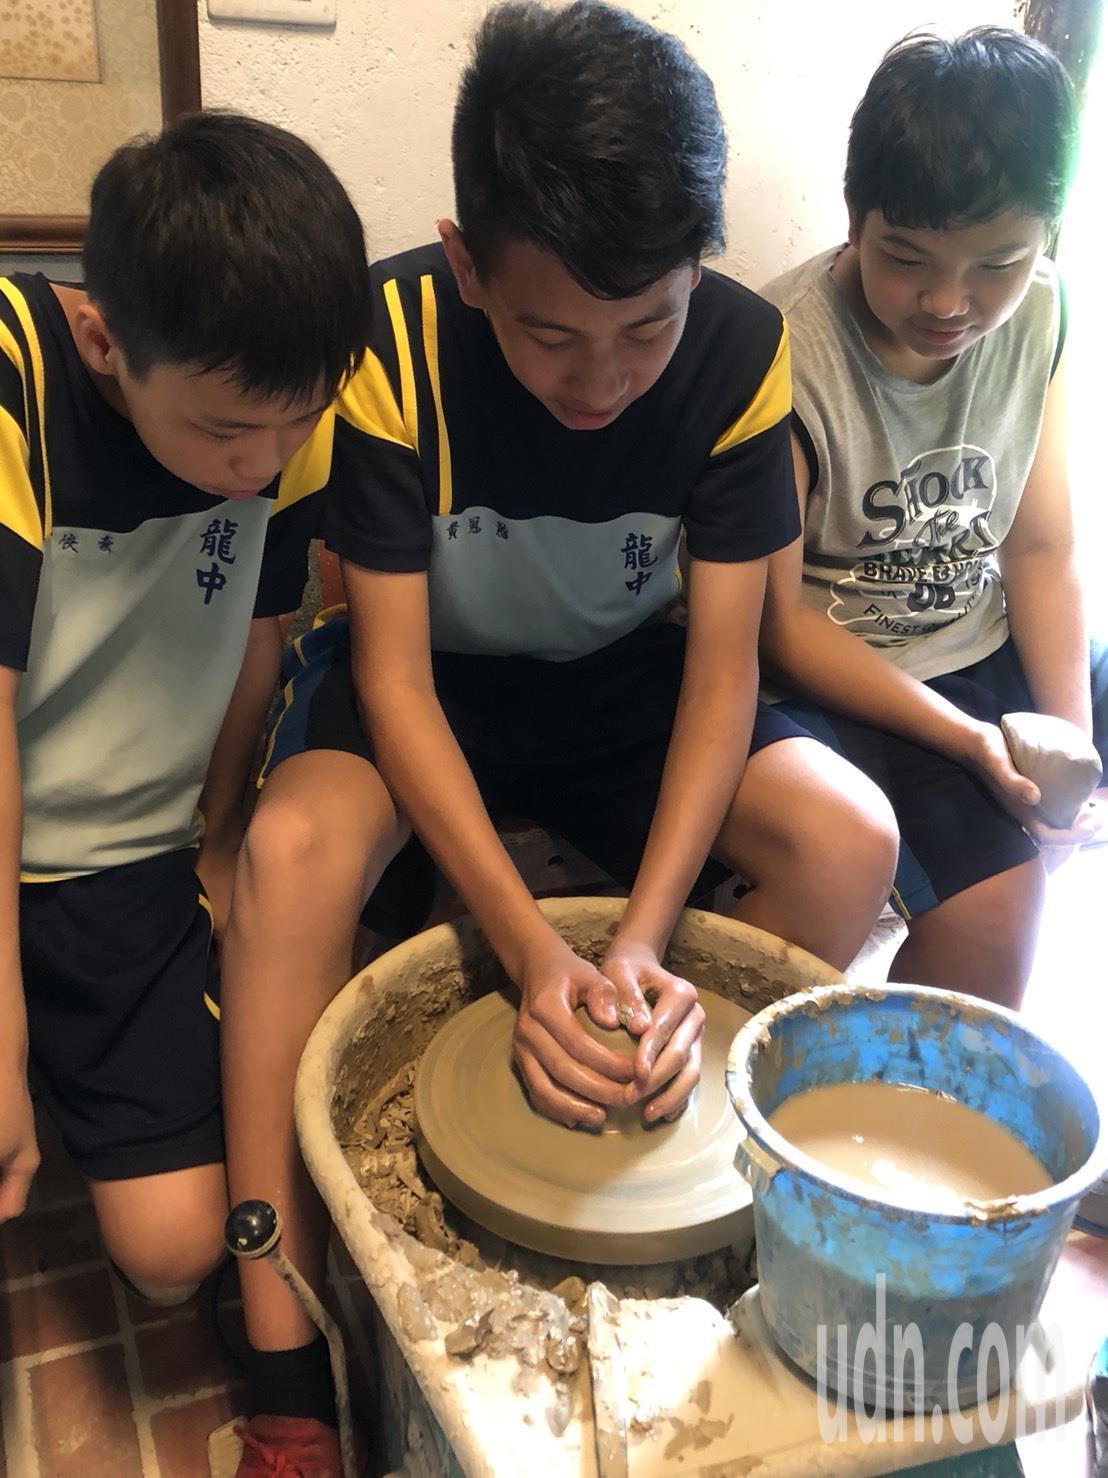 陶藝課,學生前往學校附近的陶藝教室學習拉坏。記者徐白櫻/翻攝